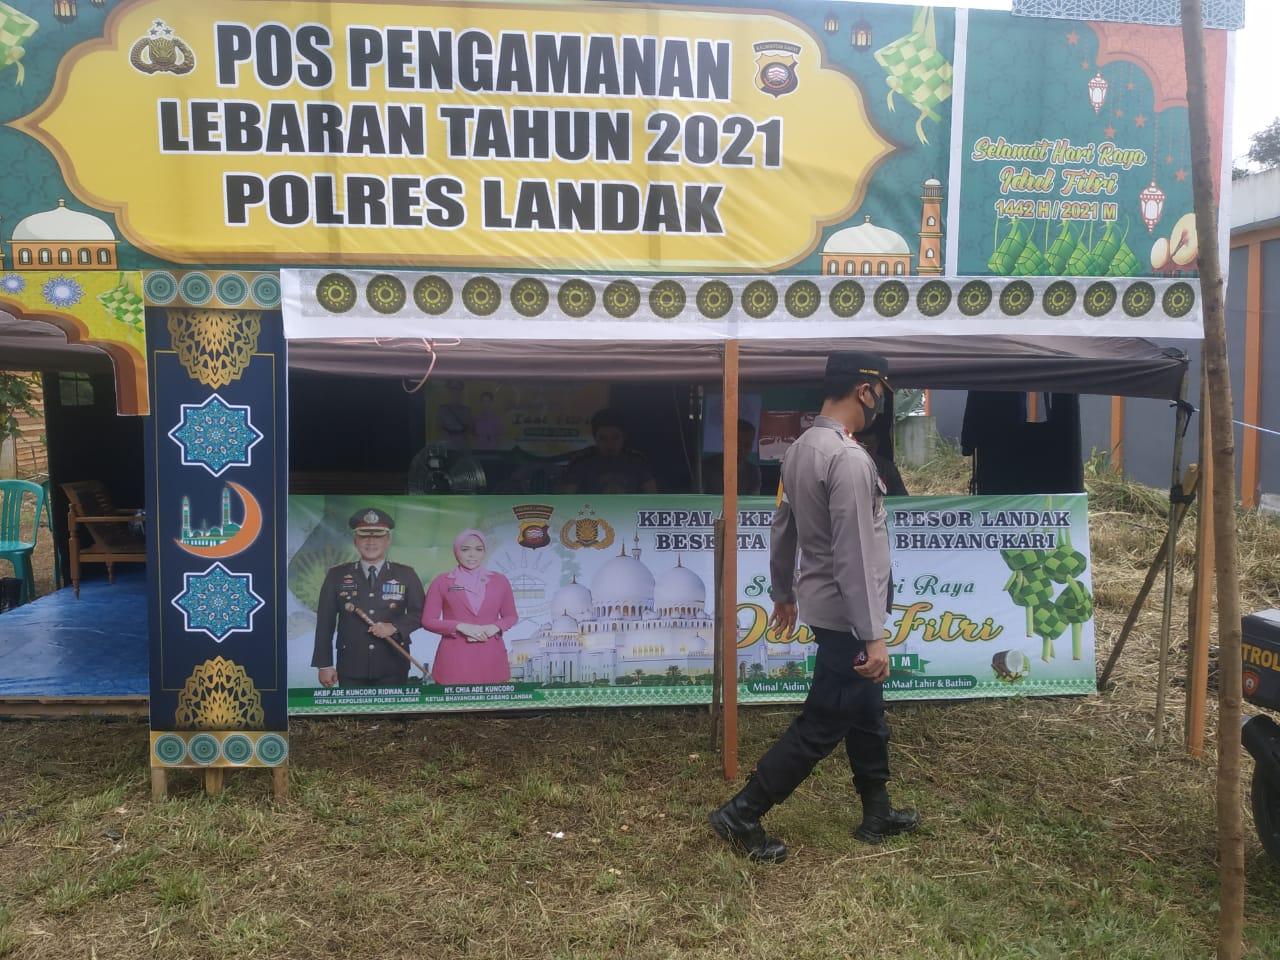 Kapolsek Sengah Temila Cek Kesiapan Pos Pengamanan Ops Ketupat Kapuas 2021